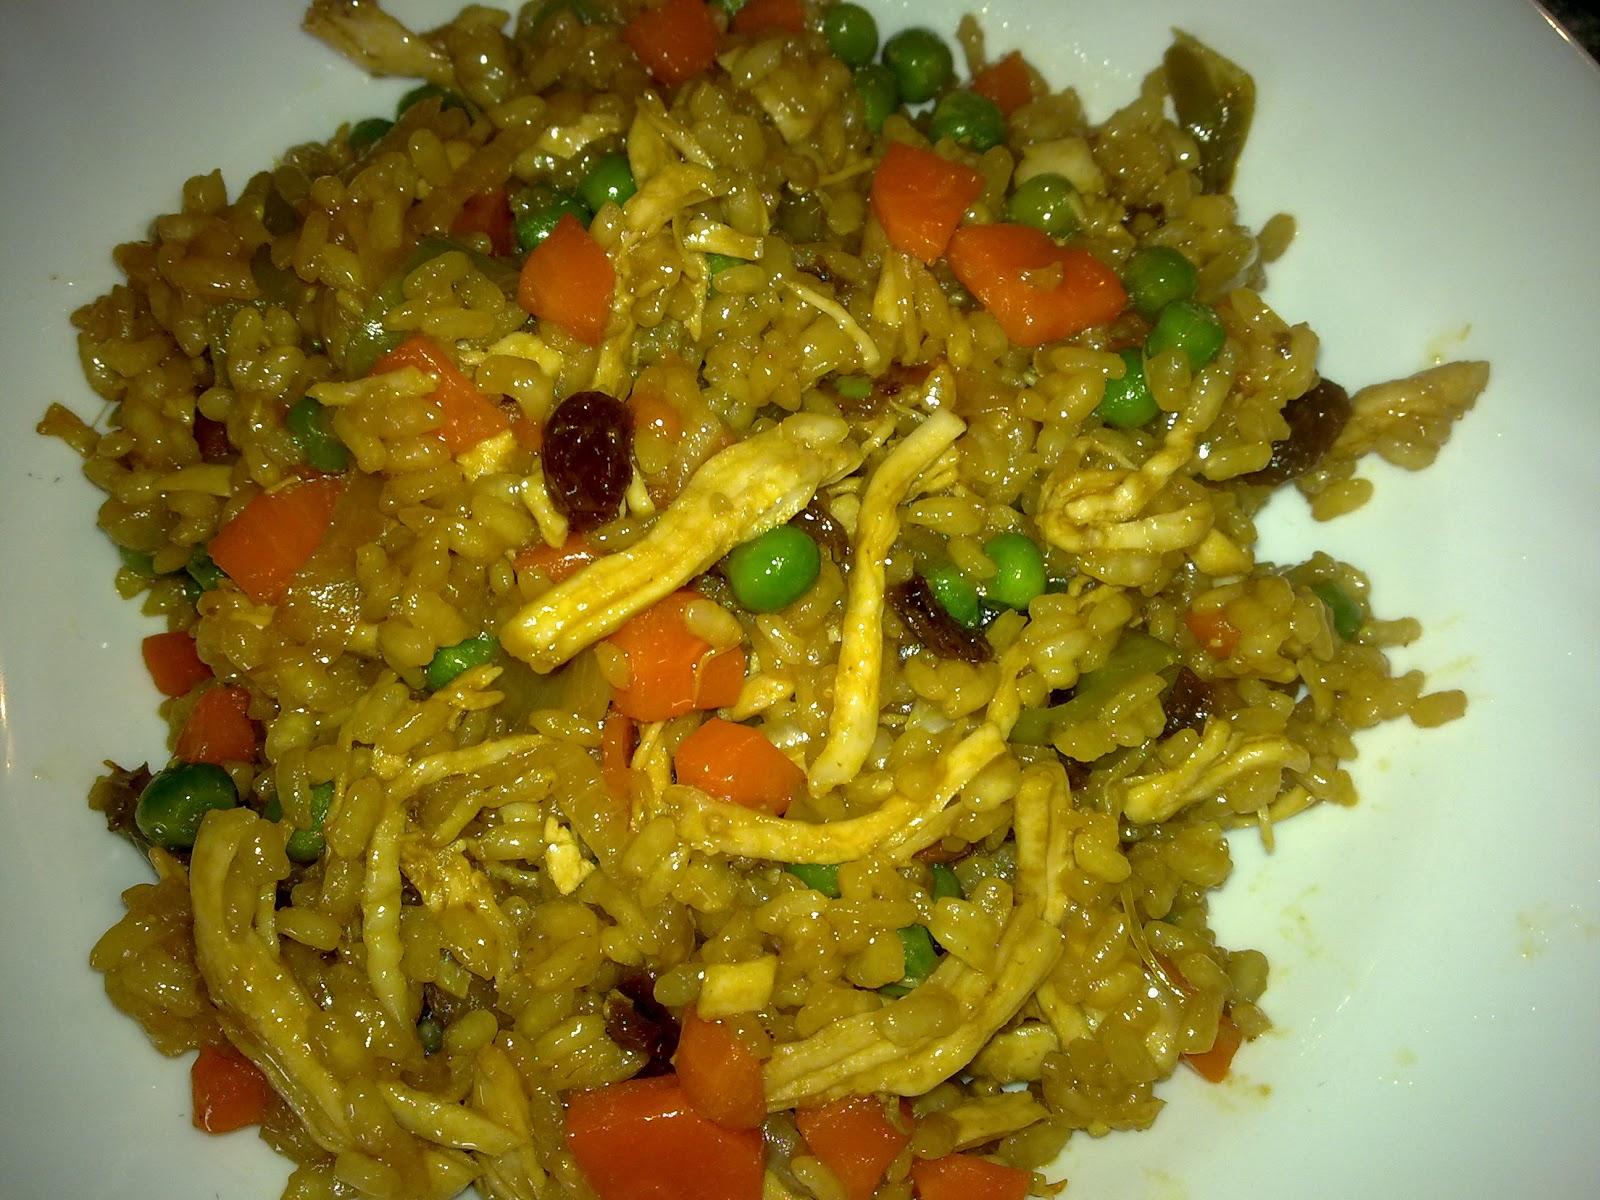 arroz con pollo ecuatoriano receta